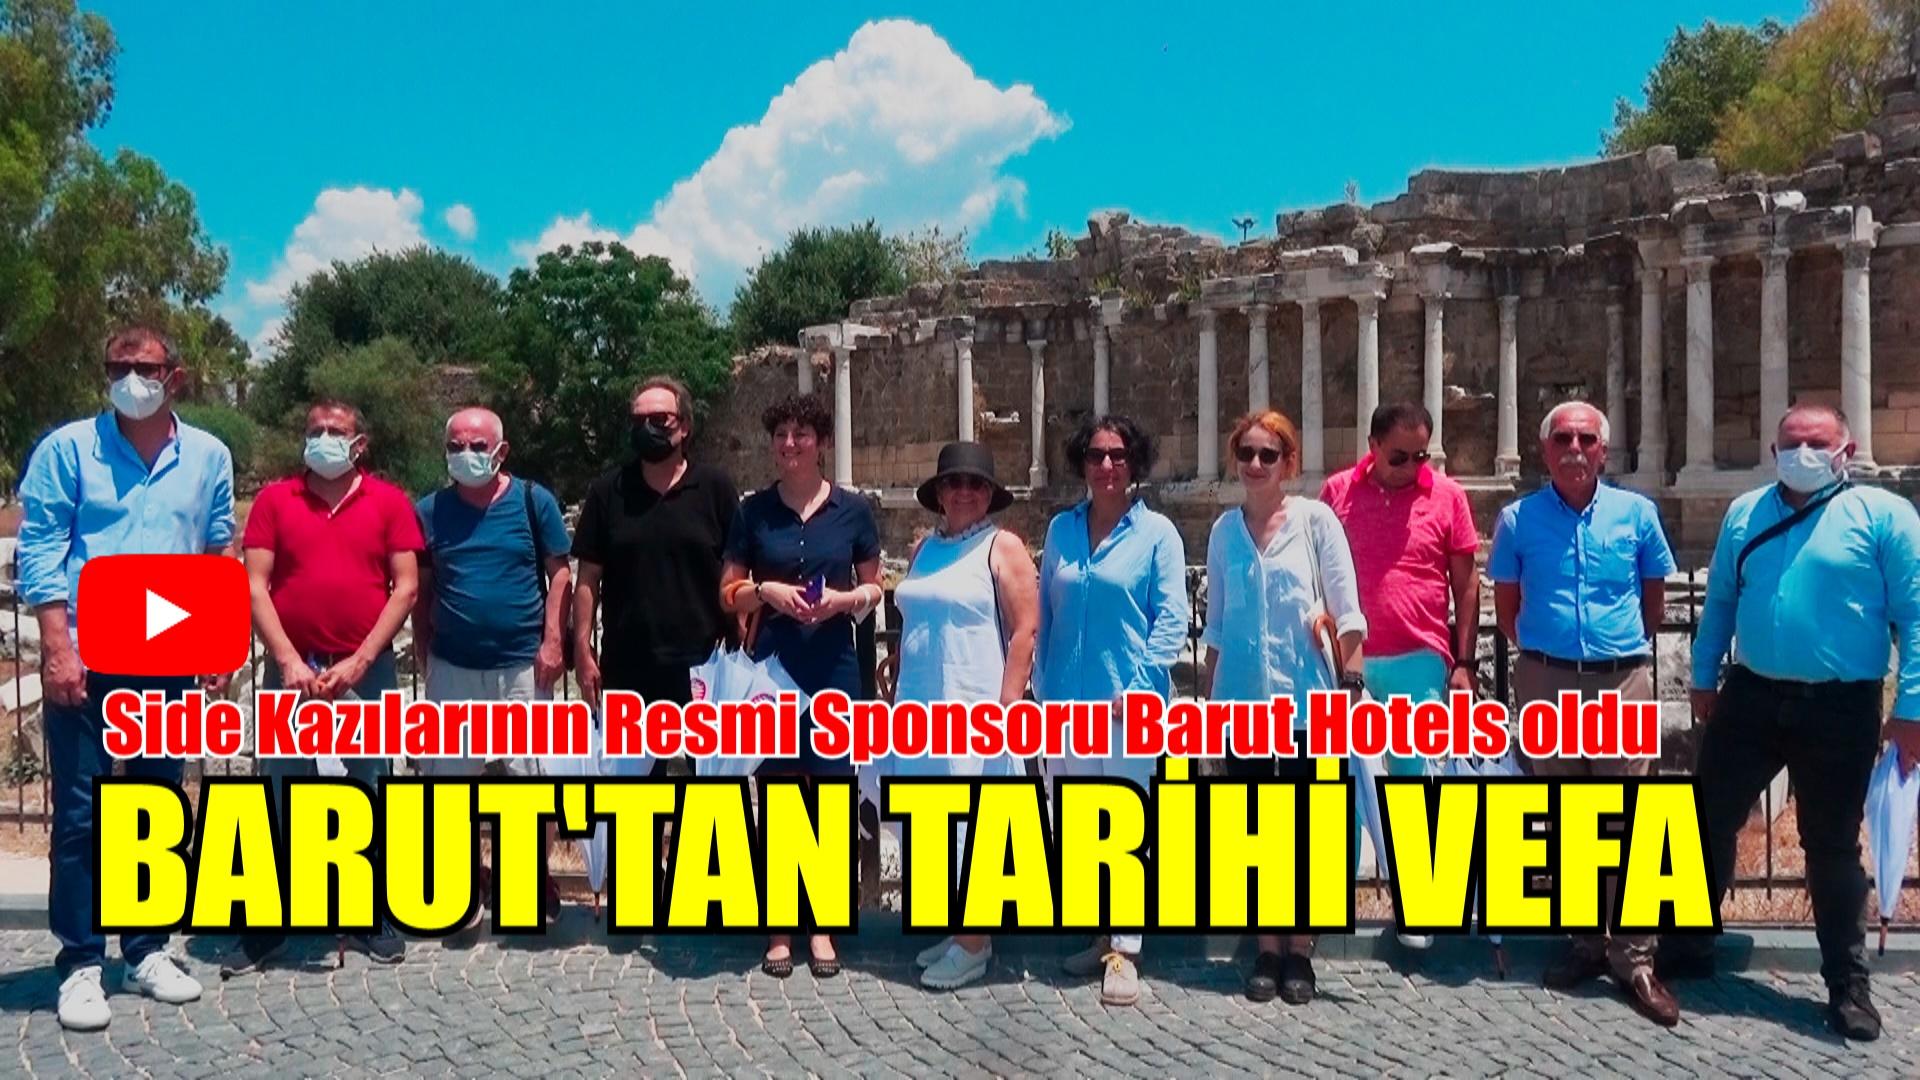 Barut Hotels 50'nci Yılını Taçlandırdı